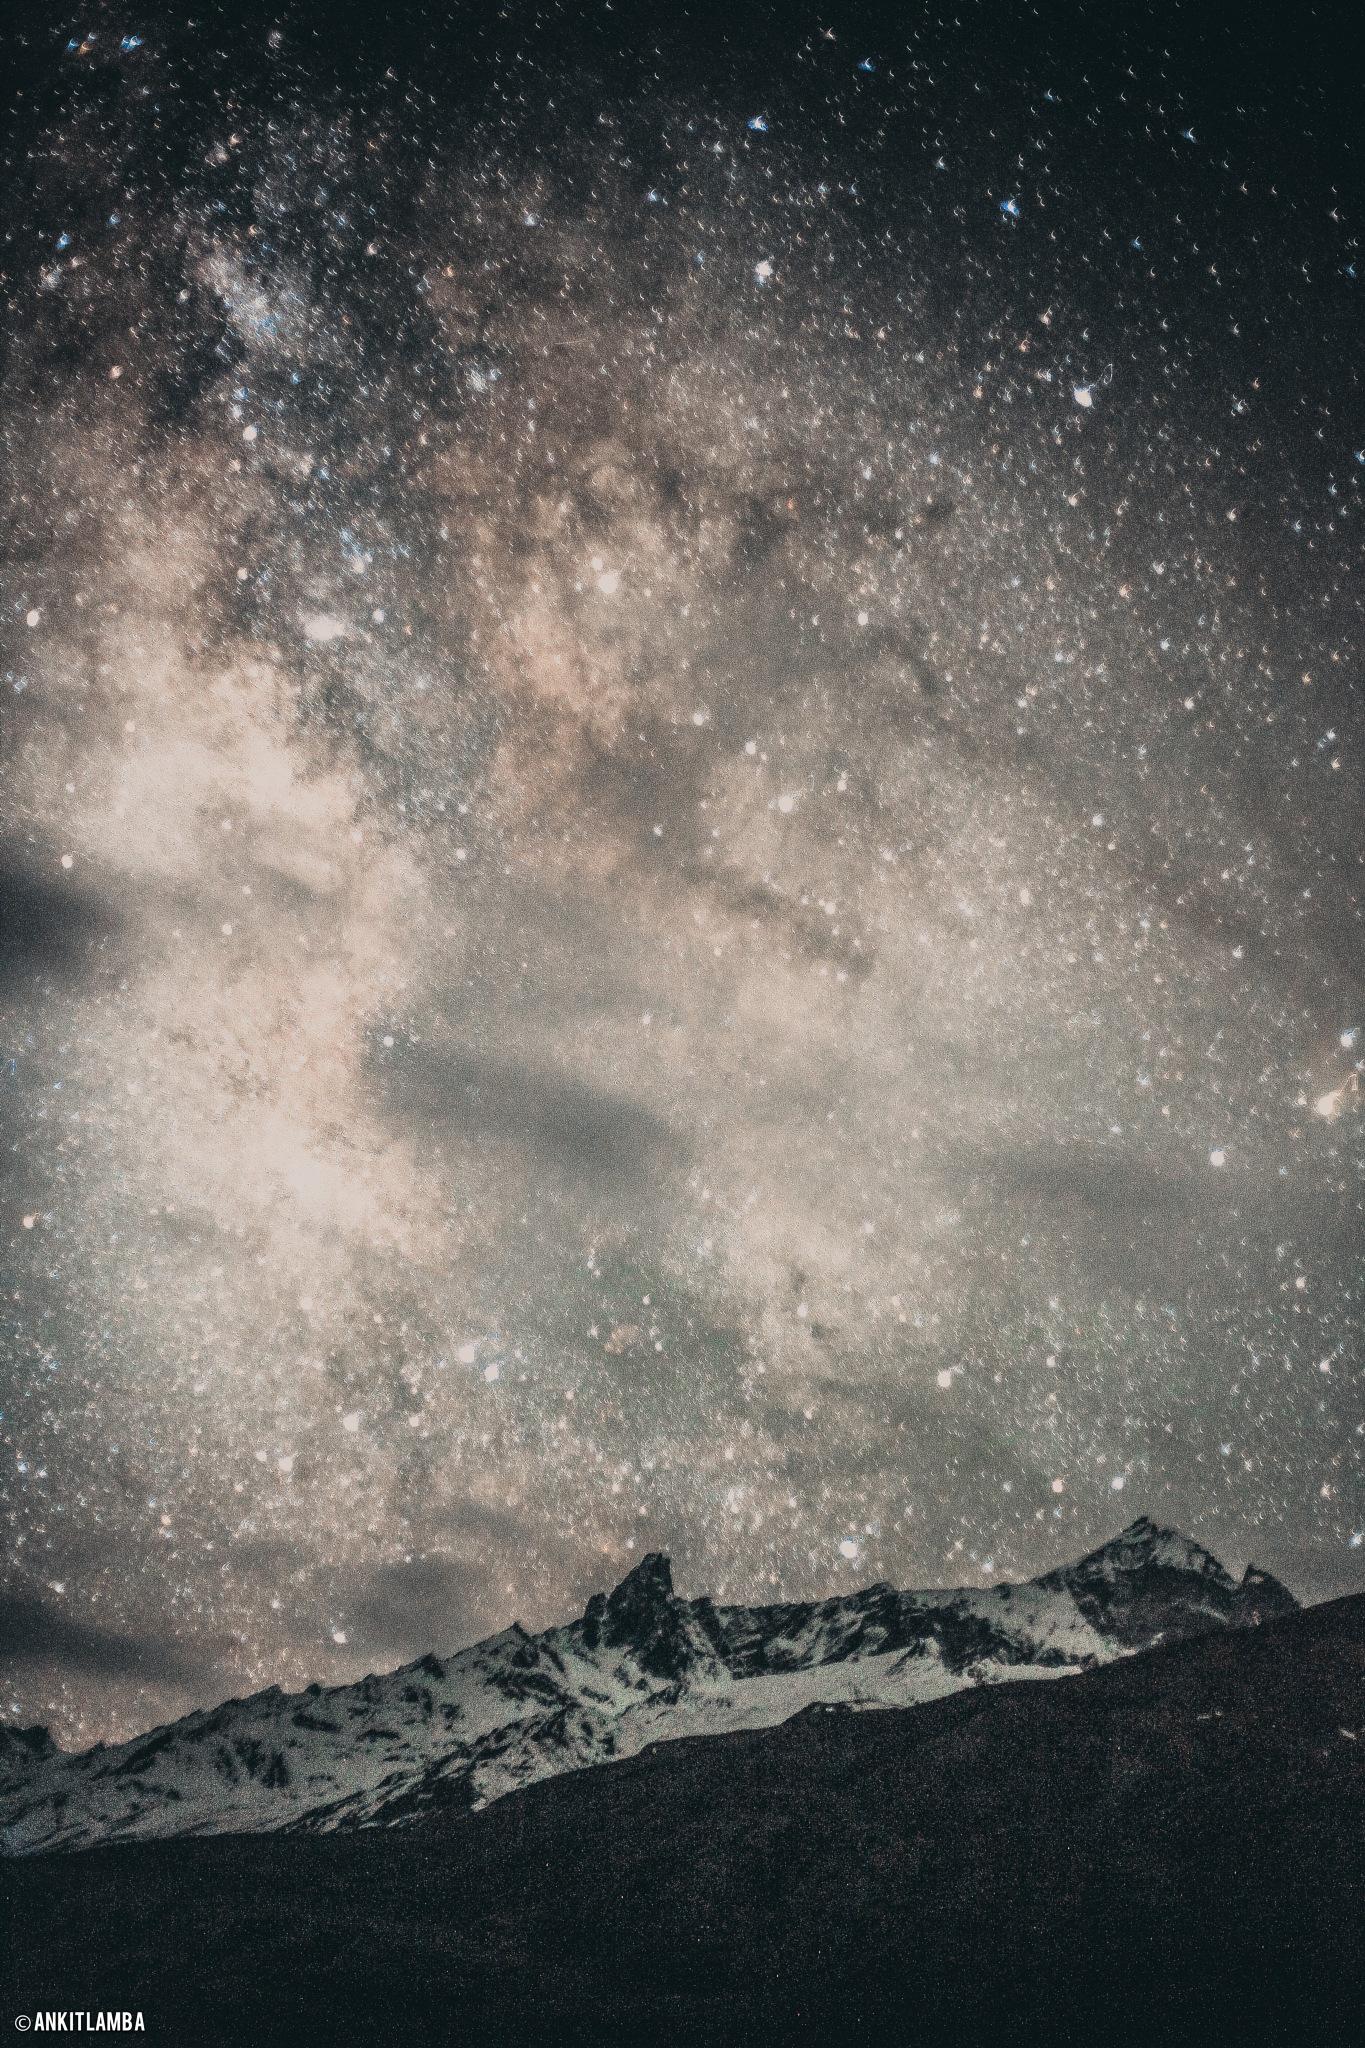 The Milkyway by Ankit Lamba